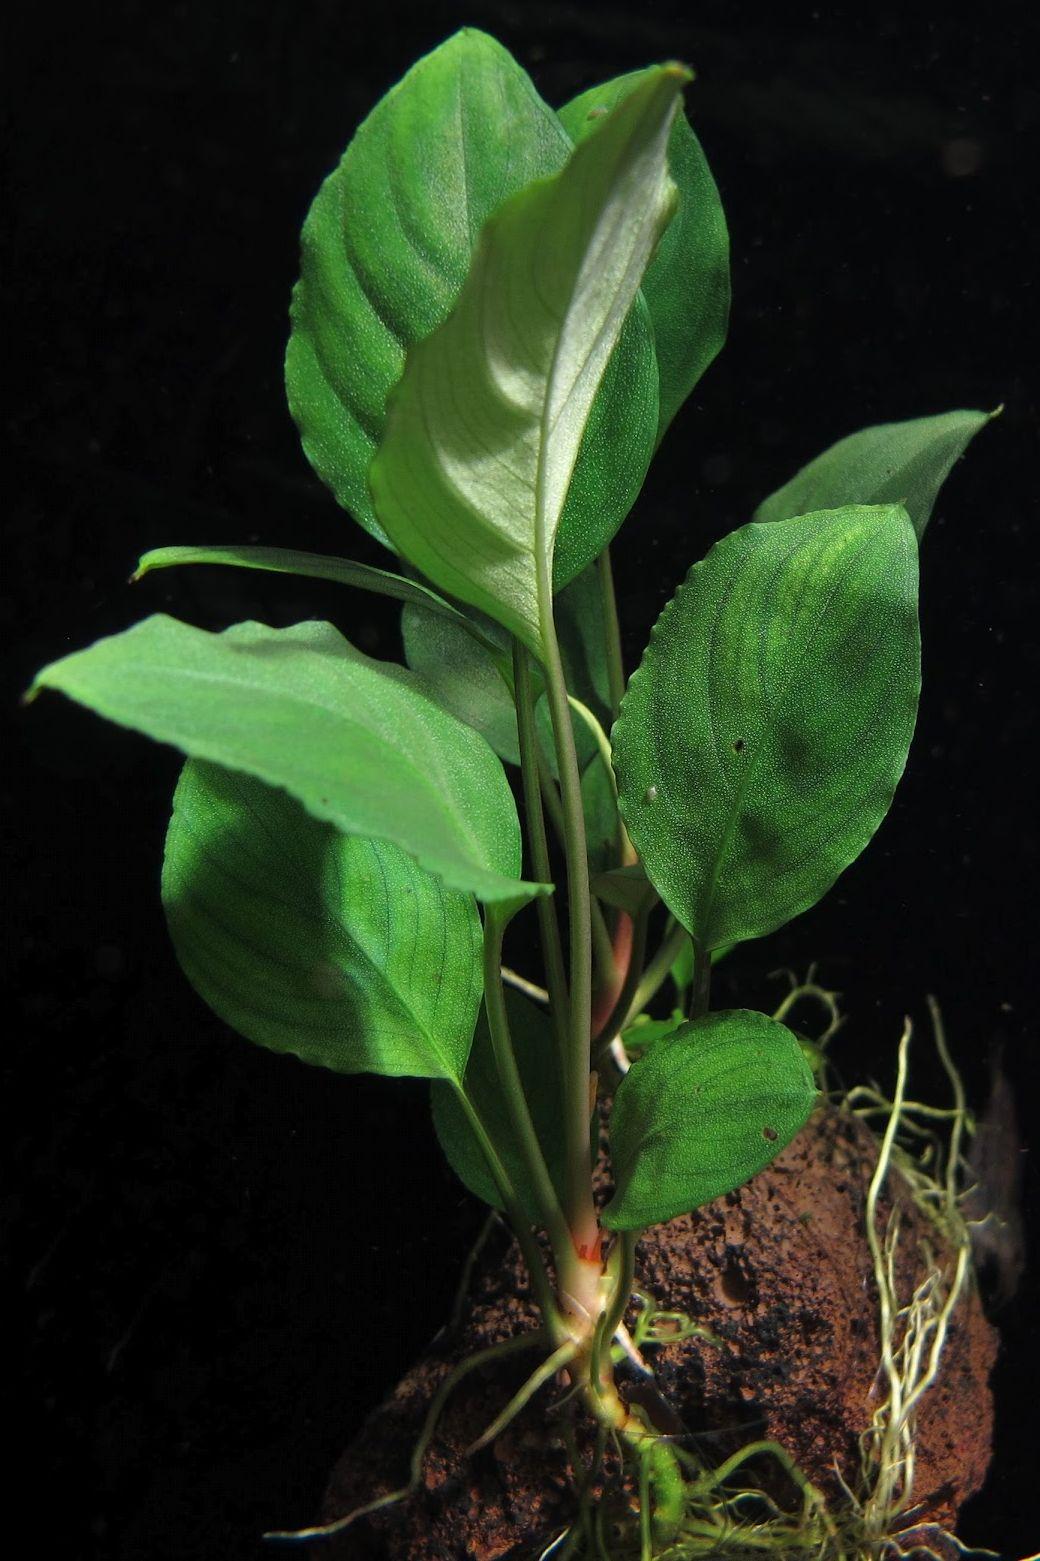 Пиптоспата мандуйская (Piptospatha manduensis)